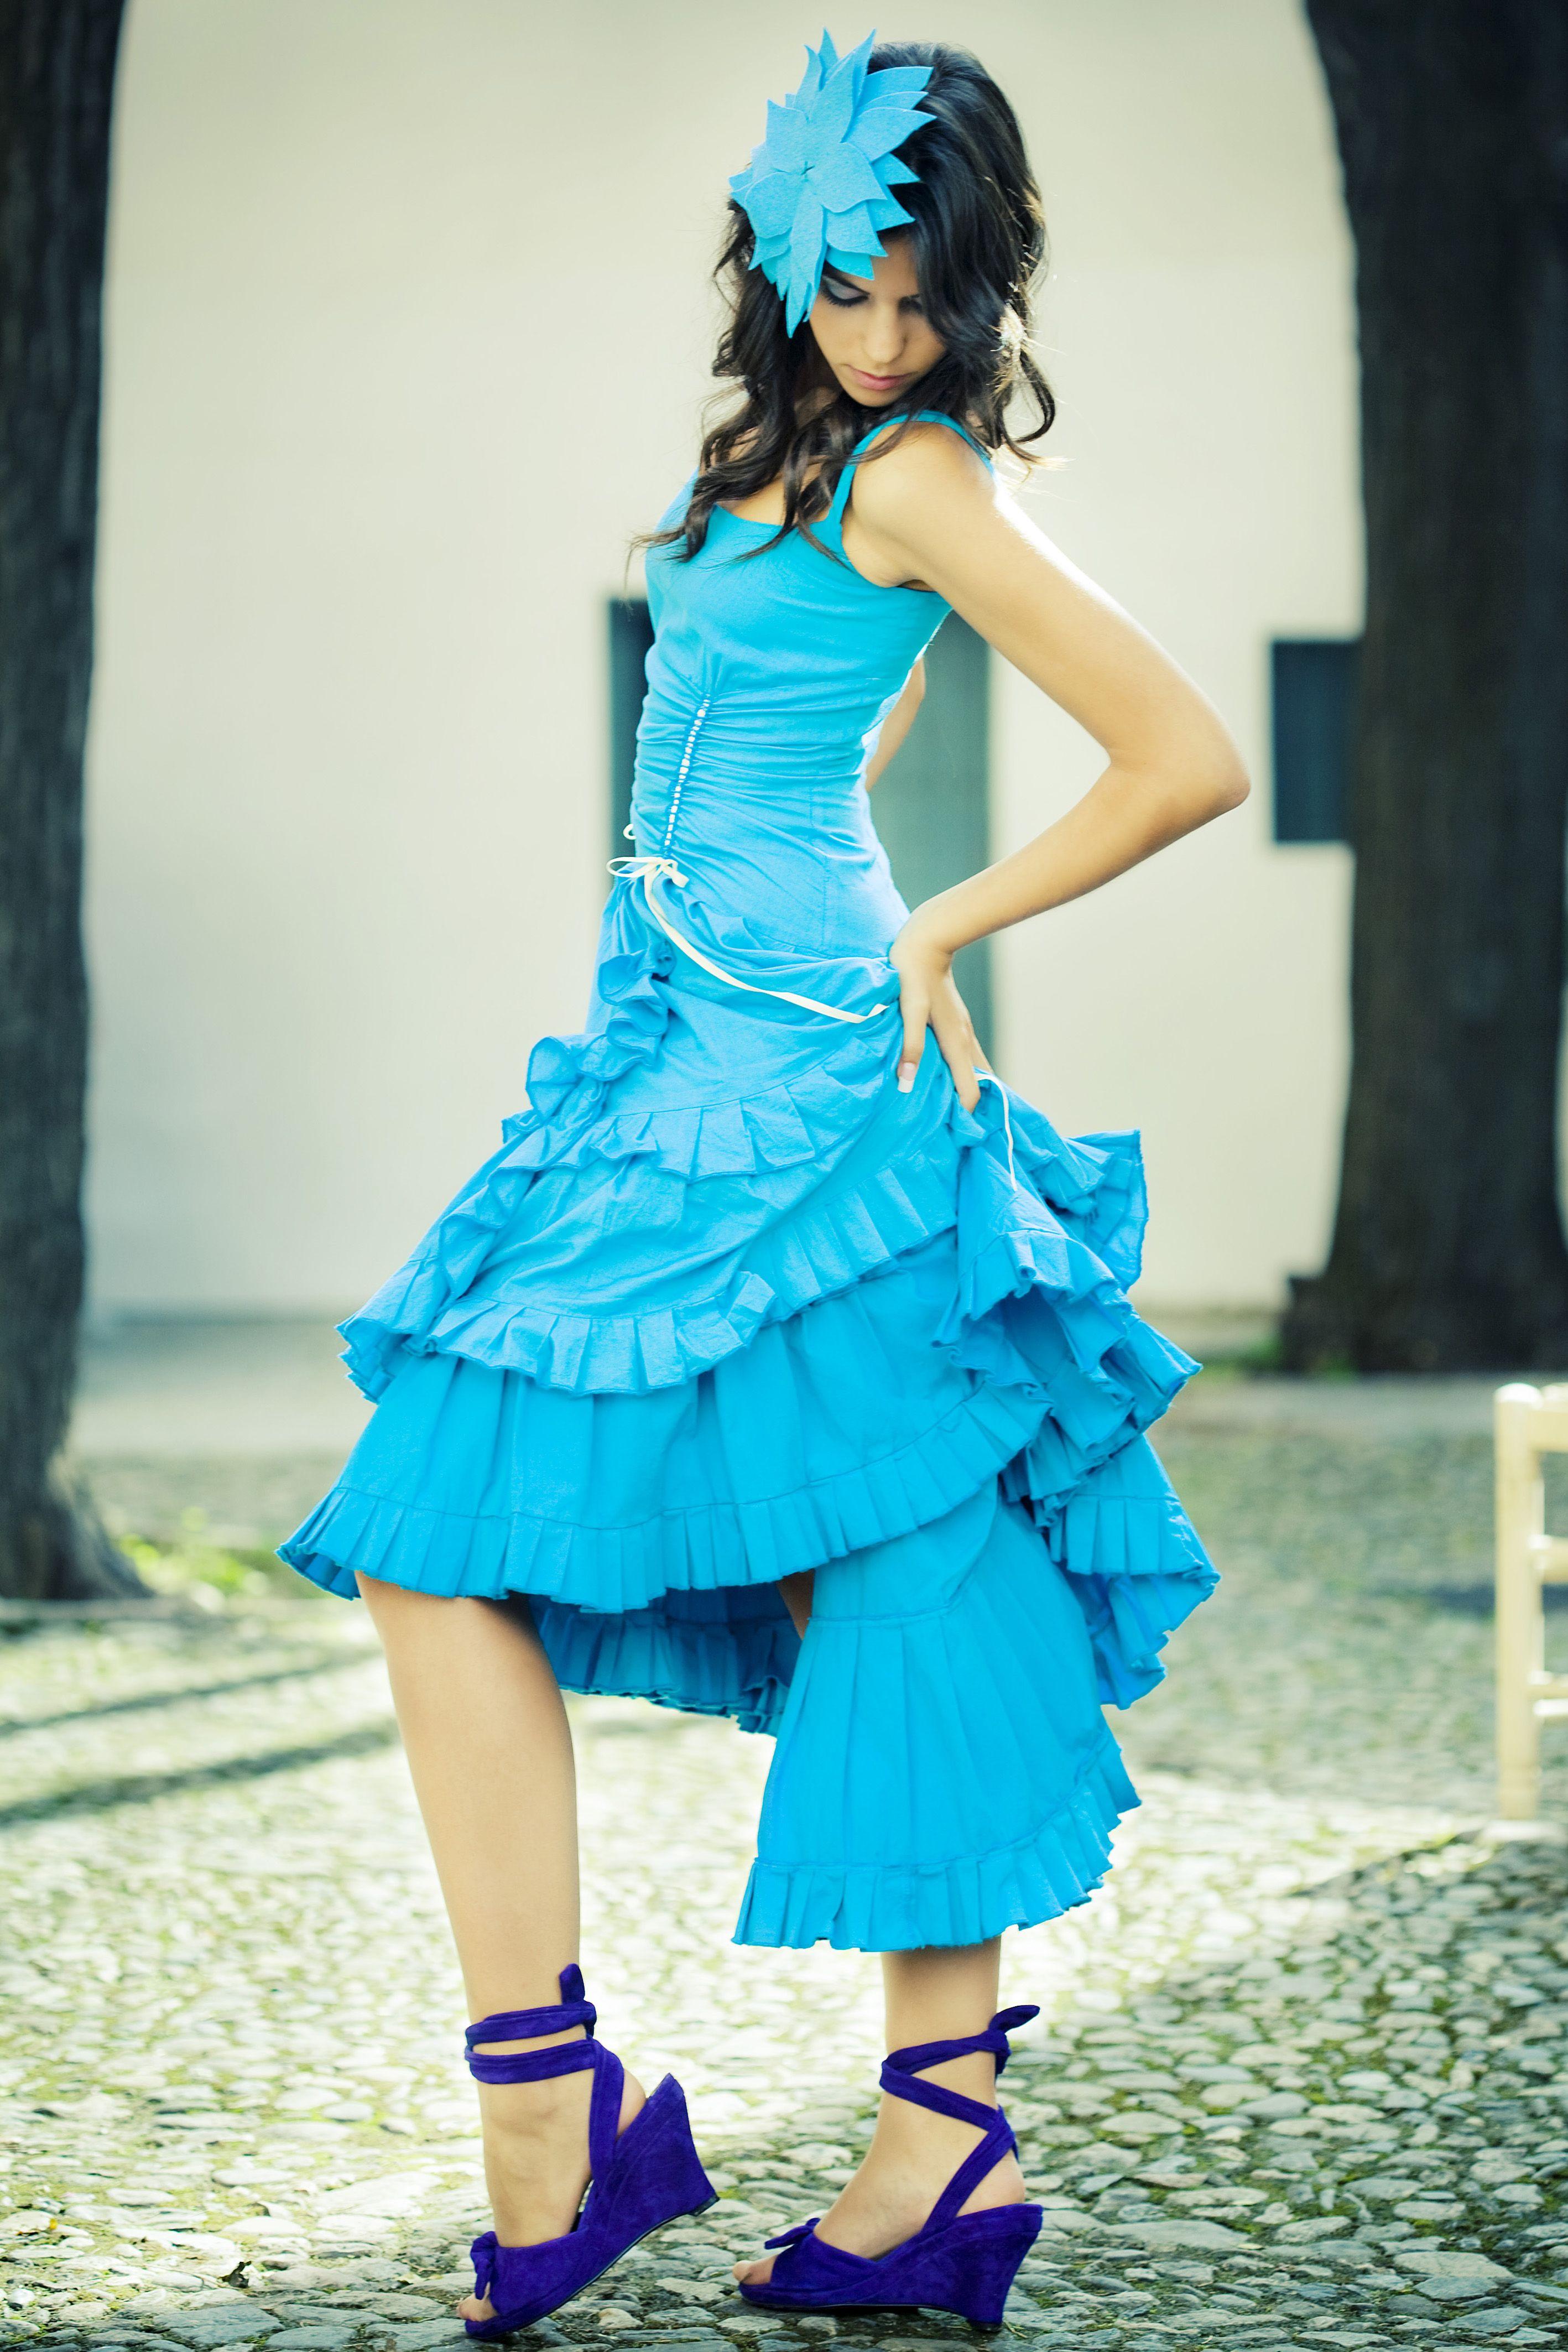 Vestido enagua en fibra natural y tintado en prenda   Fotografía de : www.luiscastilla.com